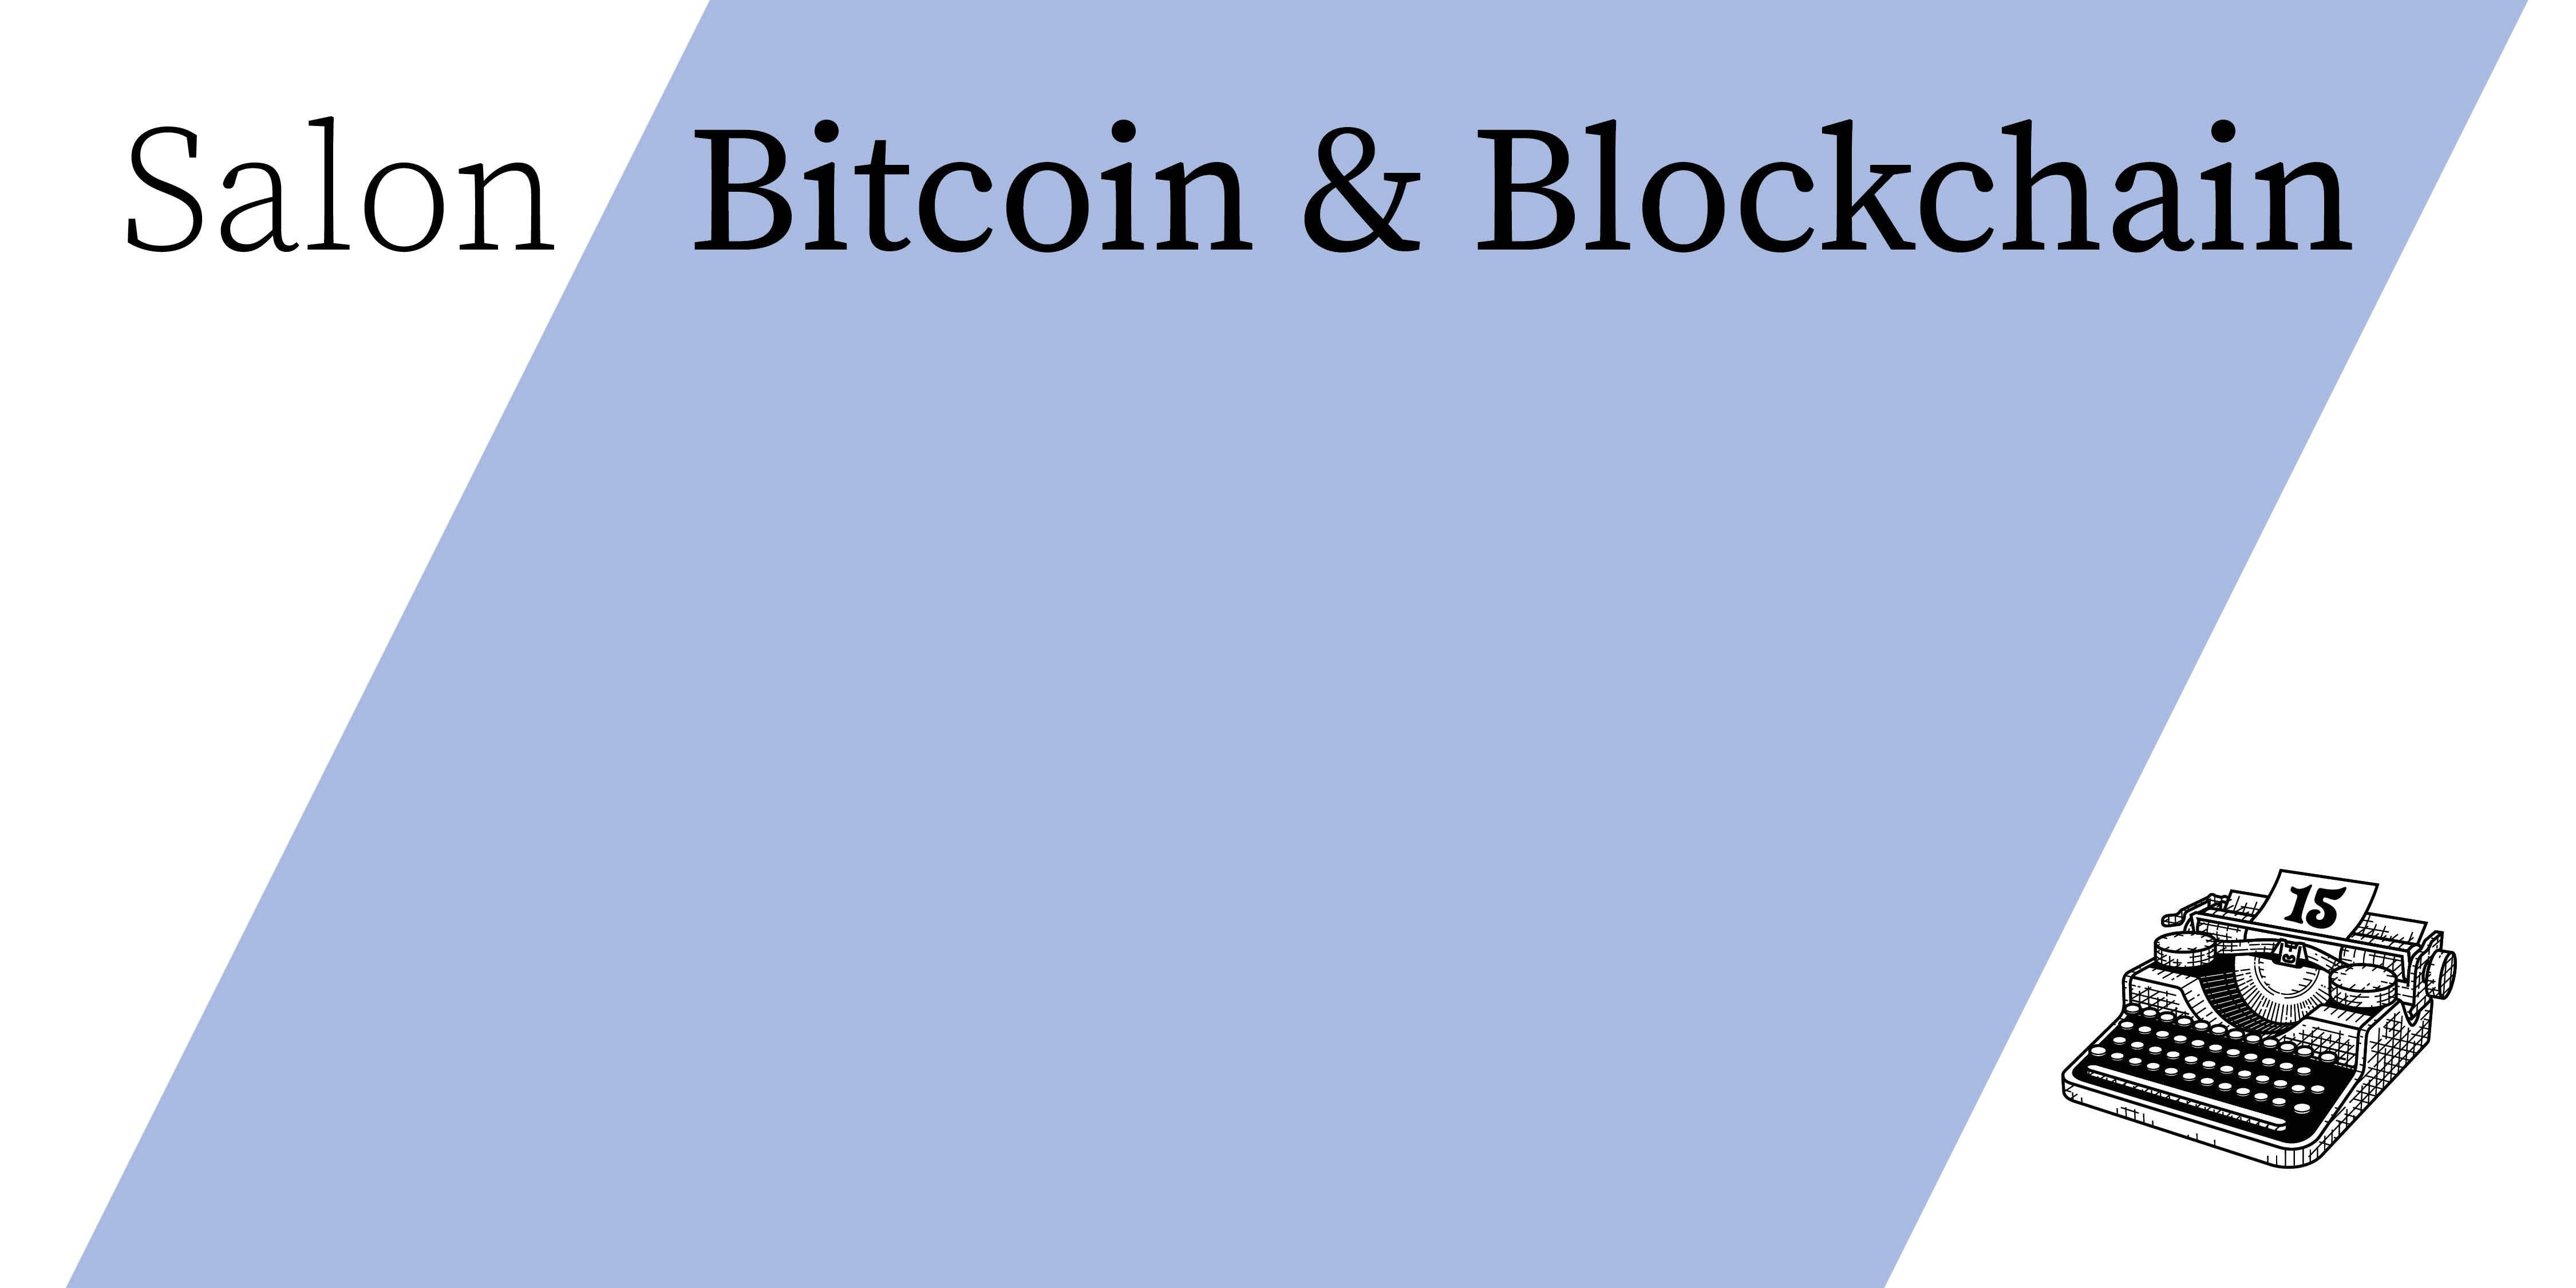 Salon  Bitcoin & Blockchain